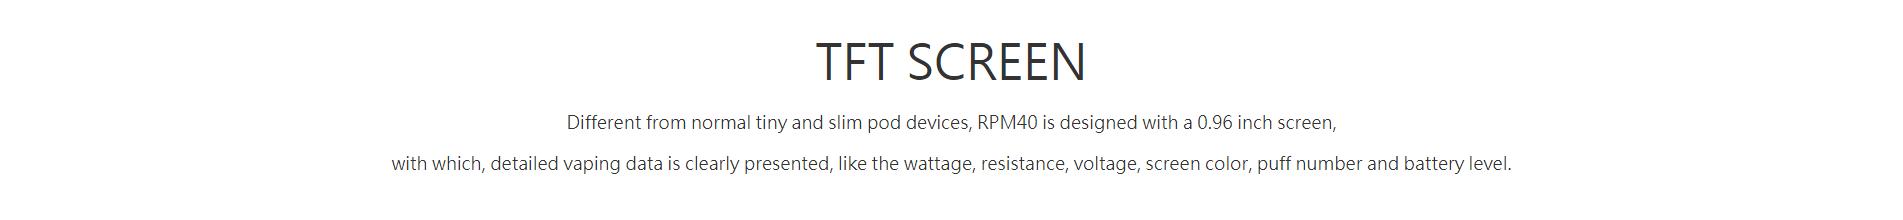 ელექტრო სიგარეტები საუკეთესო ფასად RPM40 best pod kit